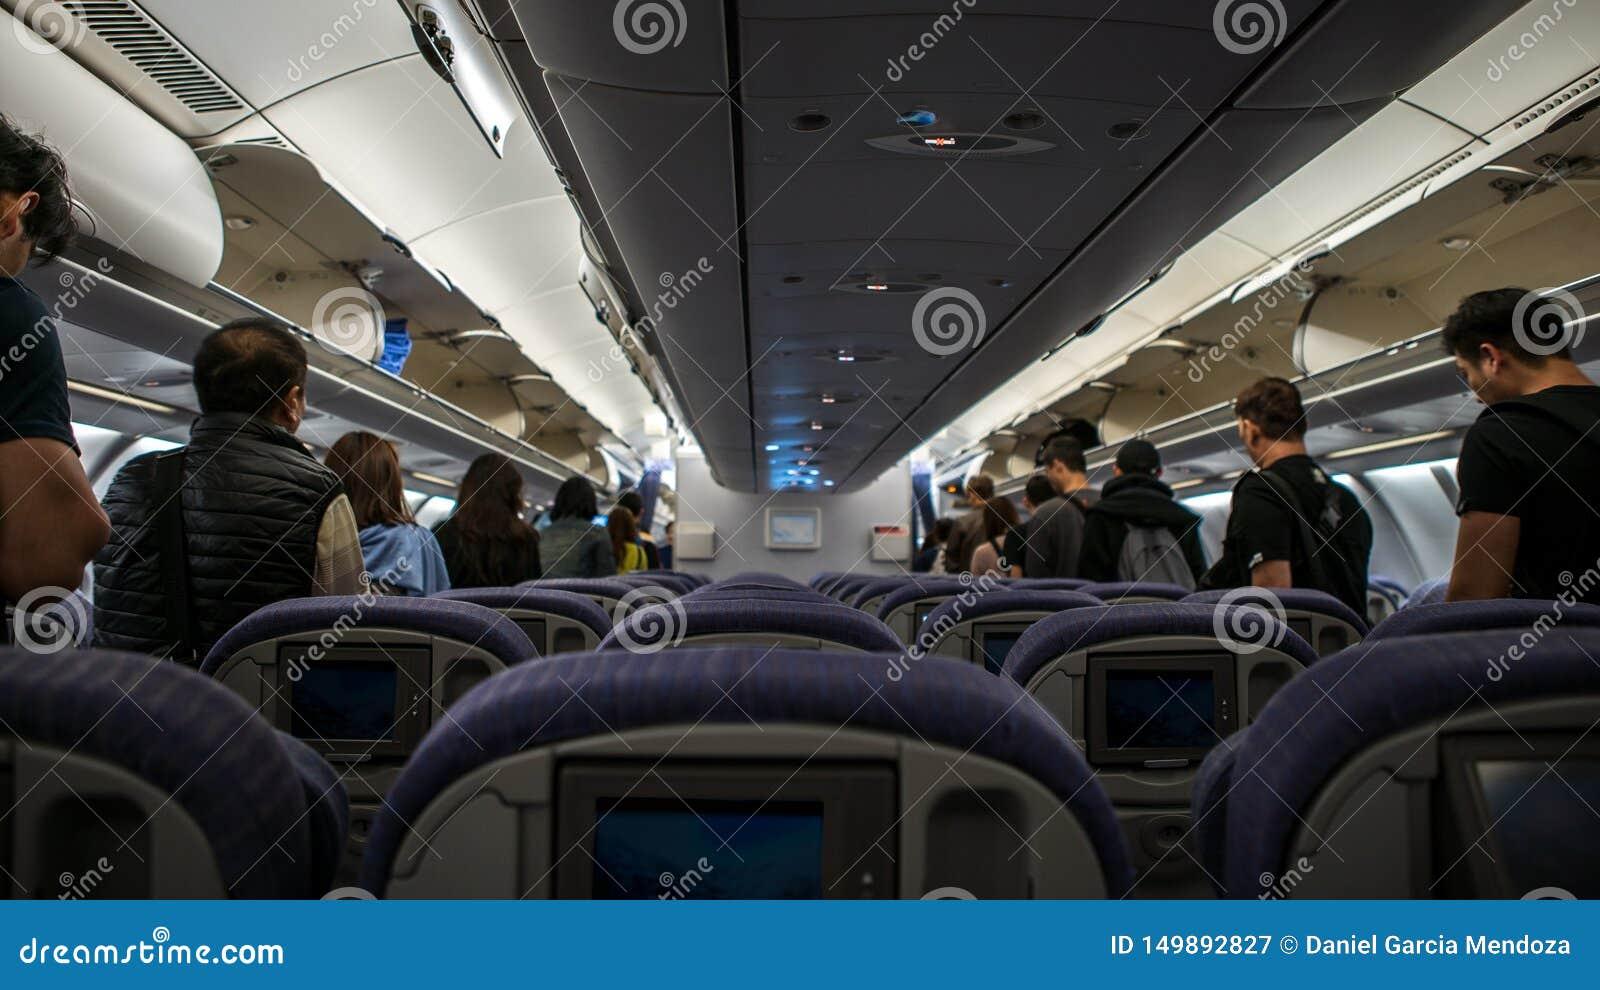 Innenflugzeug, Passagiere im Gang gehen von Flugzeug weggehen